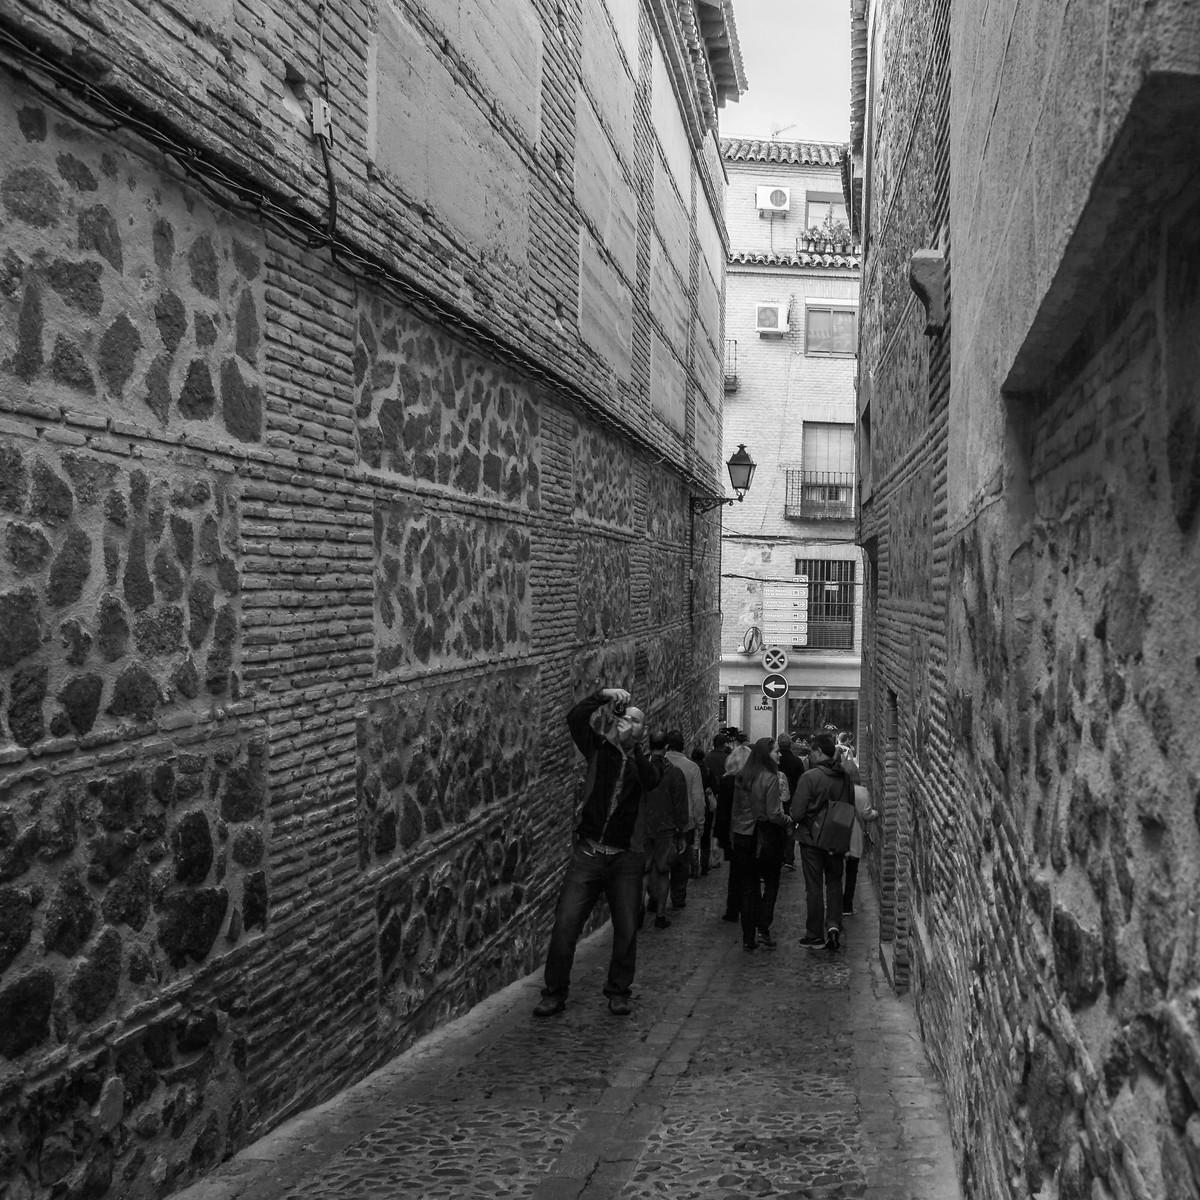 西班牙小镇,那些幽静的小石路_图1-5